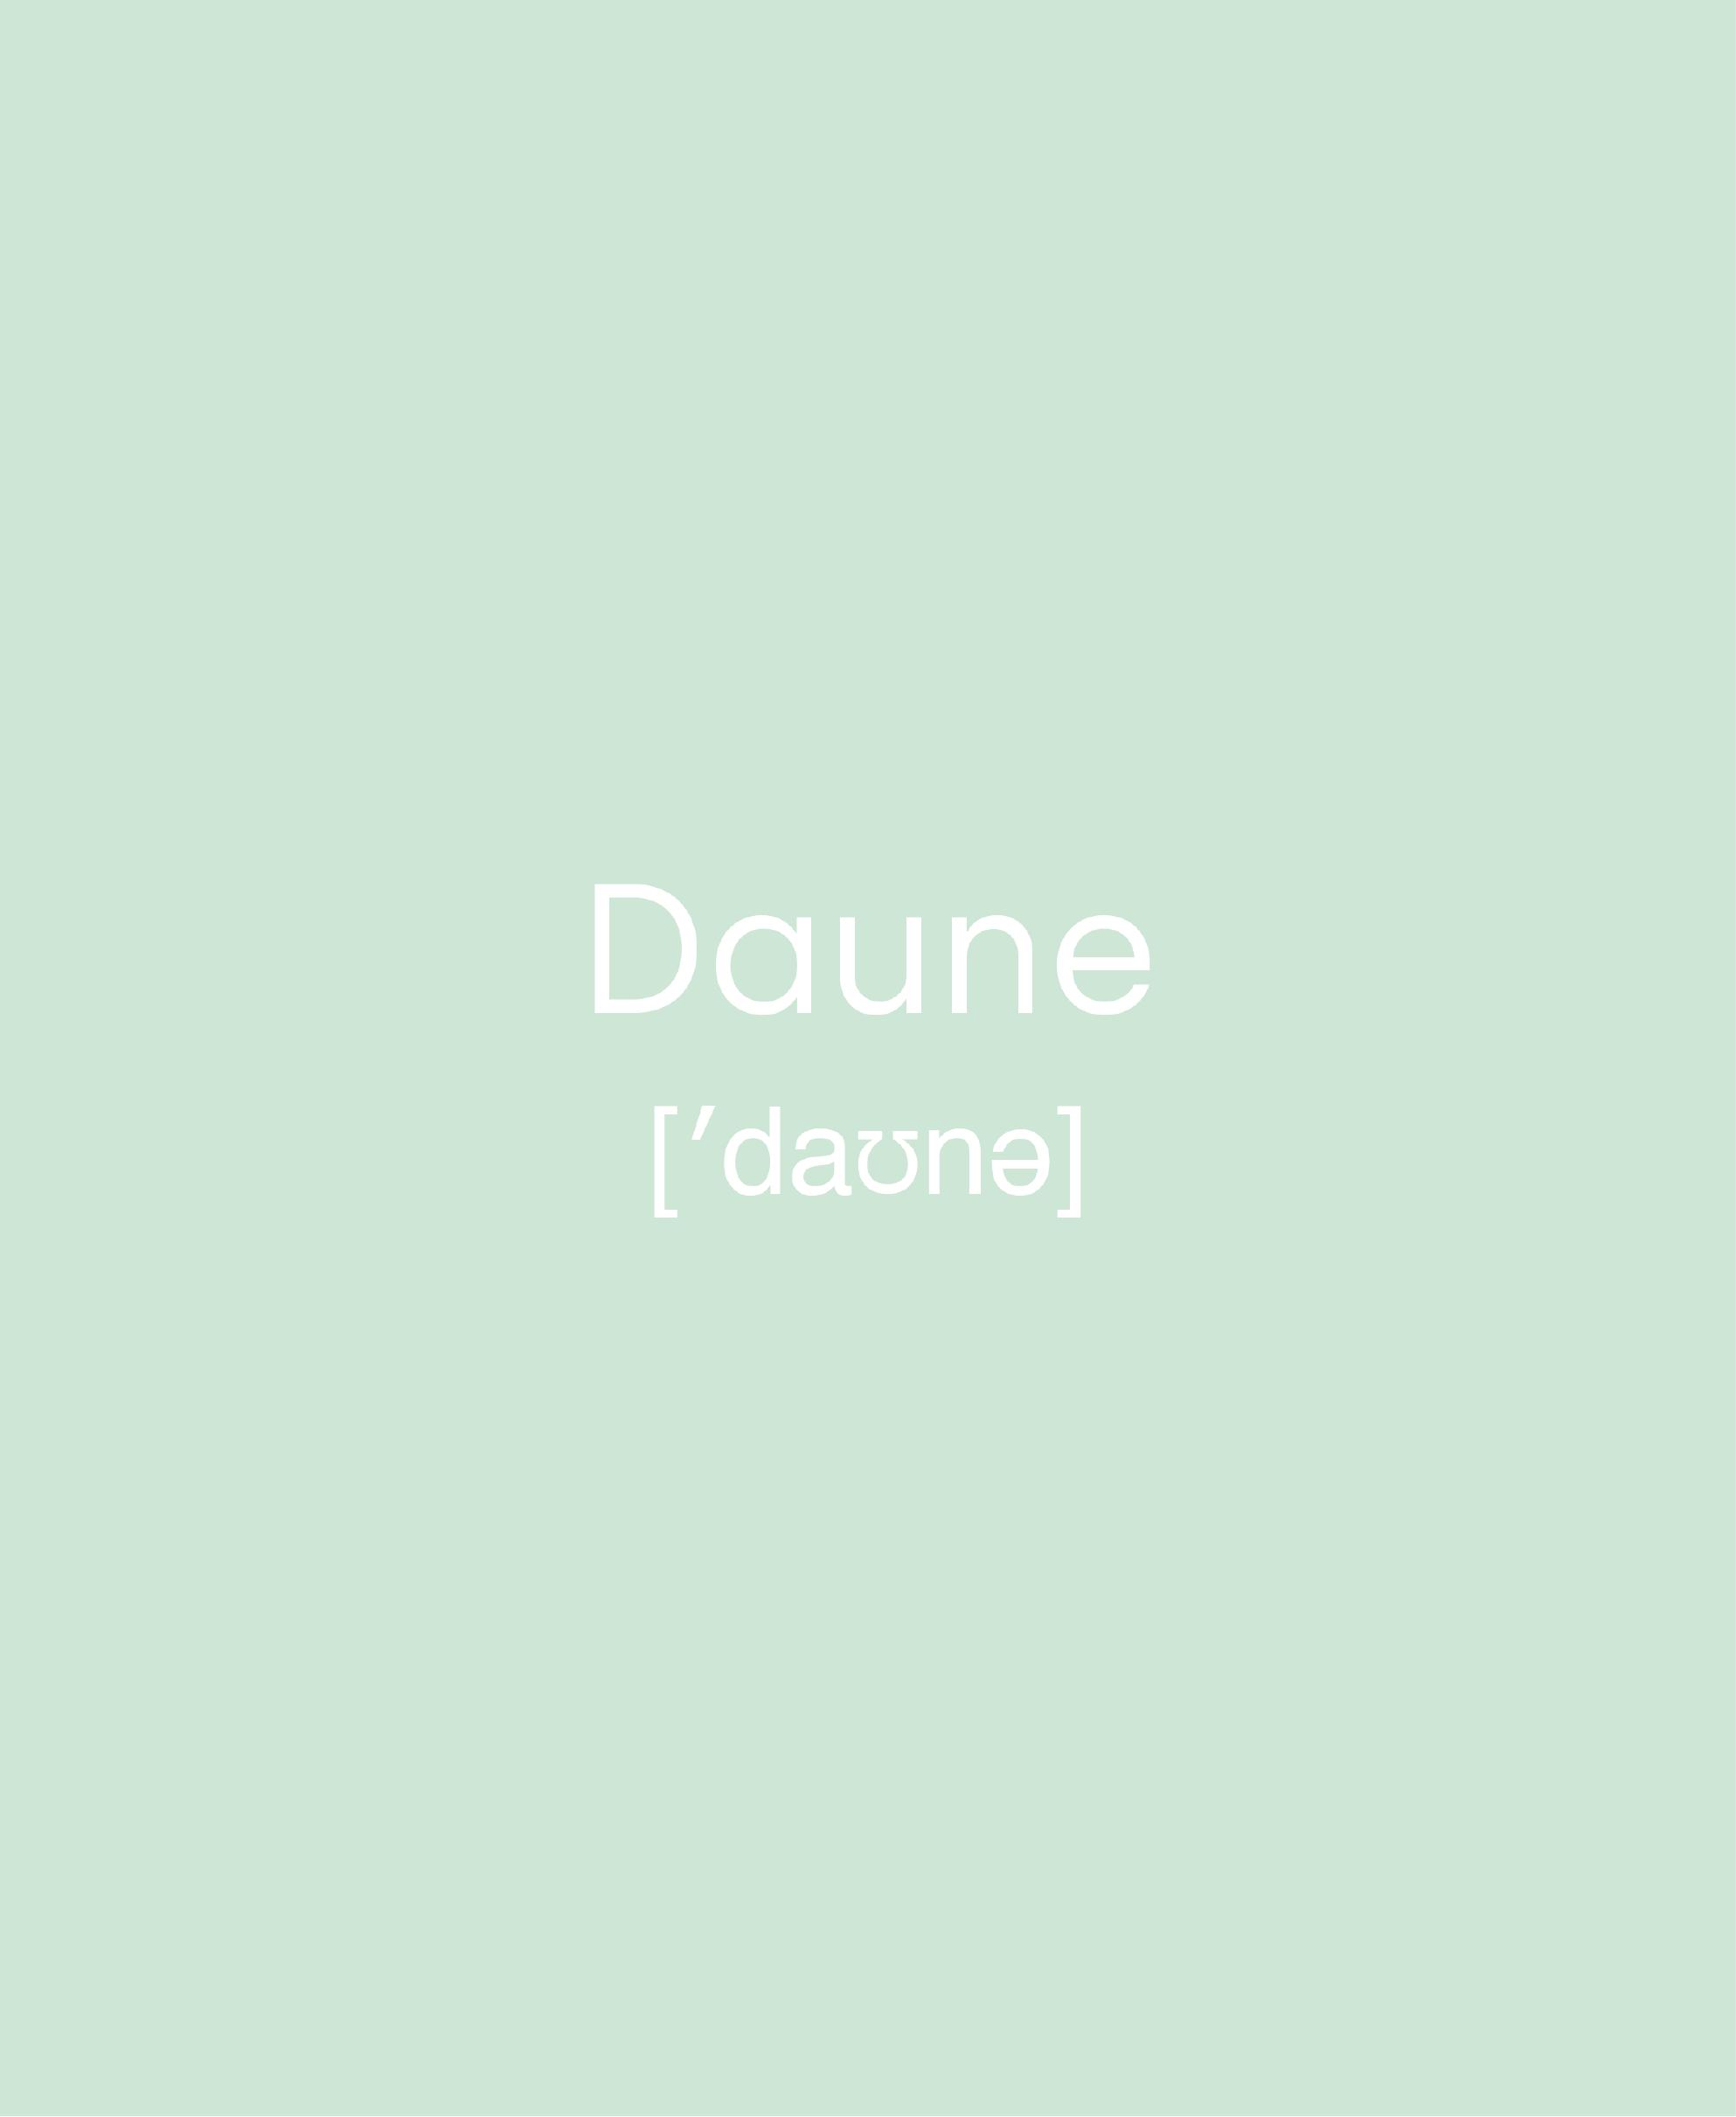 """weiße Schrift auf mintfarbenen Hintergrund """"Daune"""" Lautschrift"""